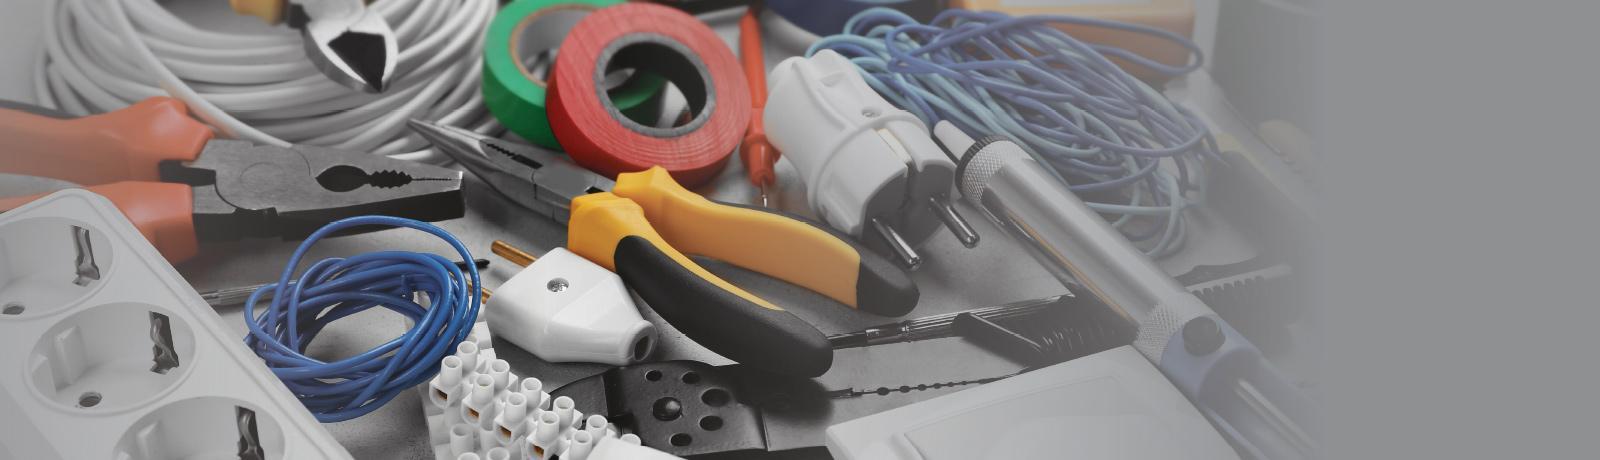 חשמל ומקצועות טכניים